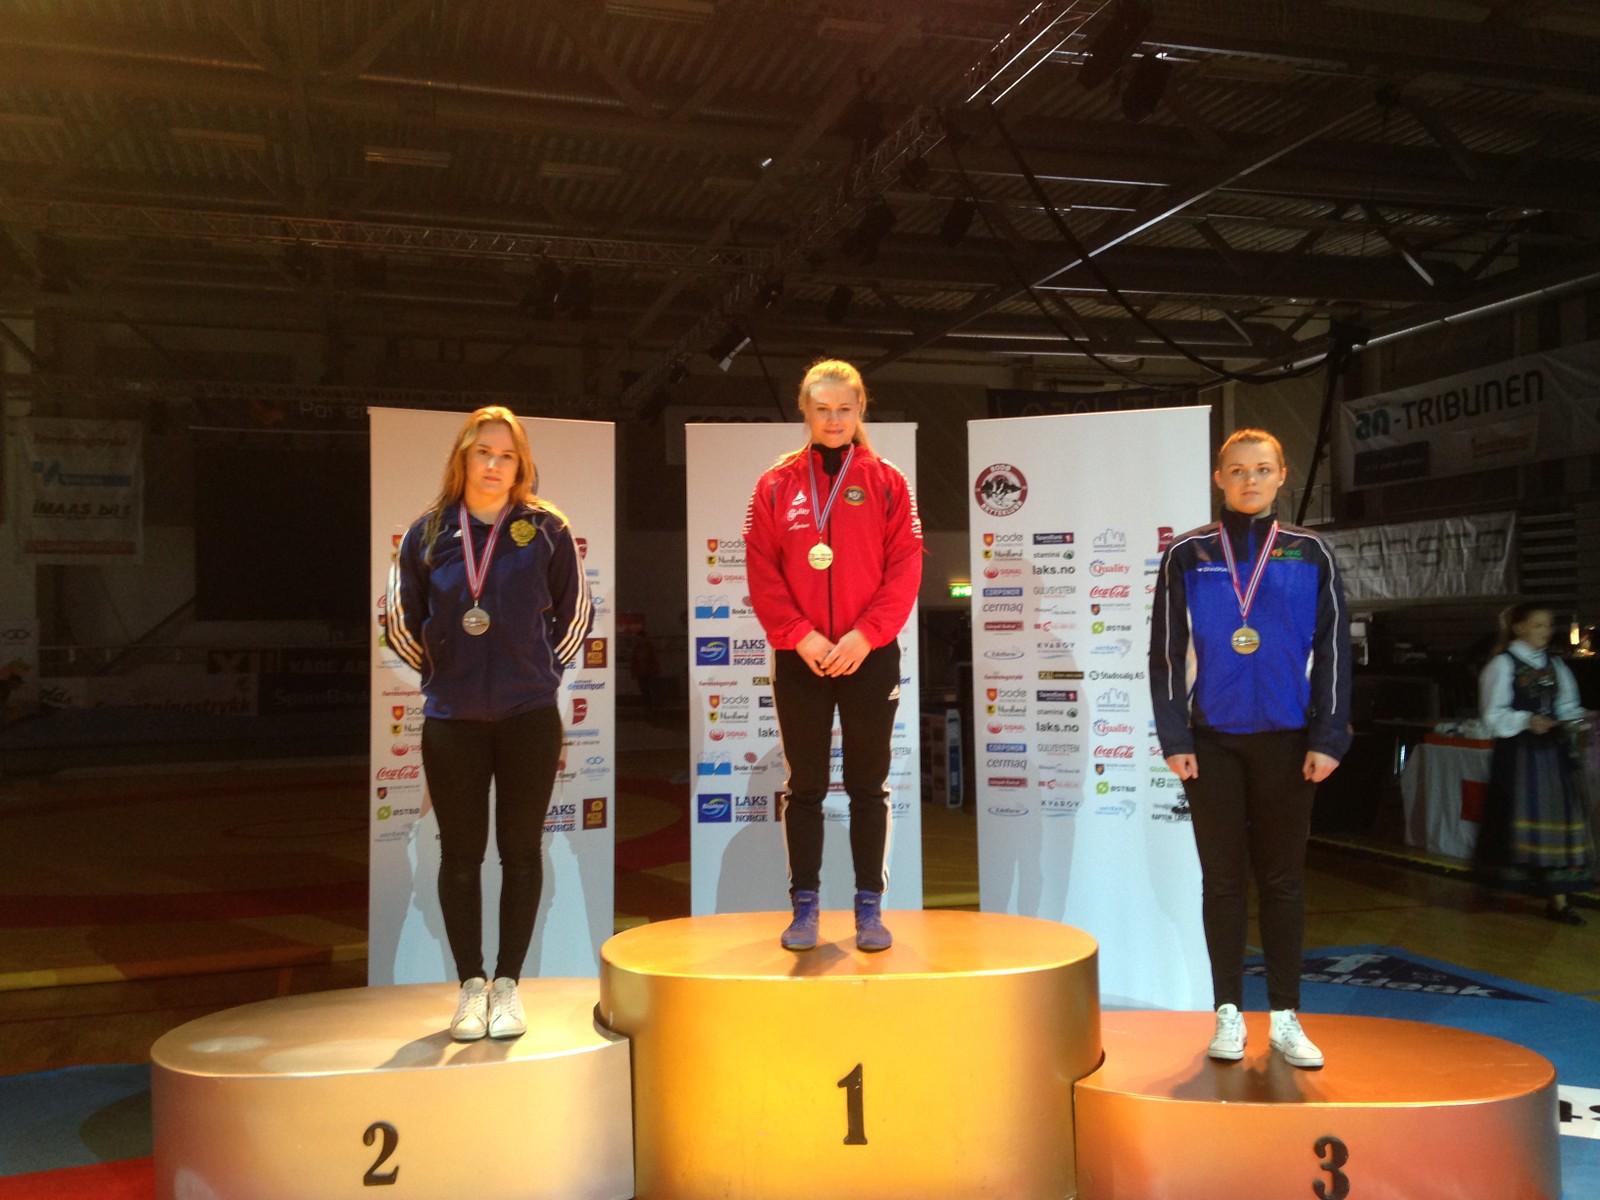 Signe Marie Fidje Store (19, i midten) fra Tana ble nordisk mester i bryting i vektklassen 63 kilo, da mesterskapet ble arrangert i Bodø. Sølvet gikk til Tilda Tärnklev fra Sverige og bronse til Anette Raks fra Estland.